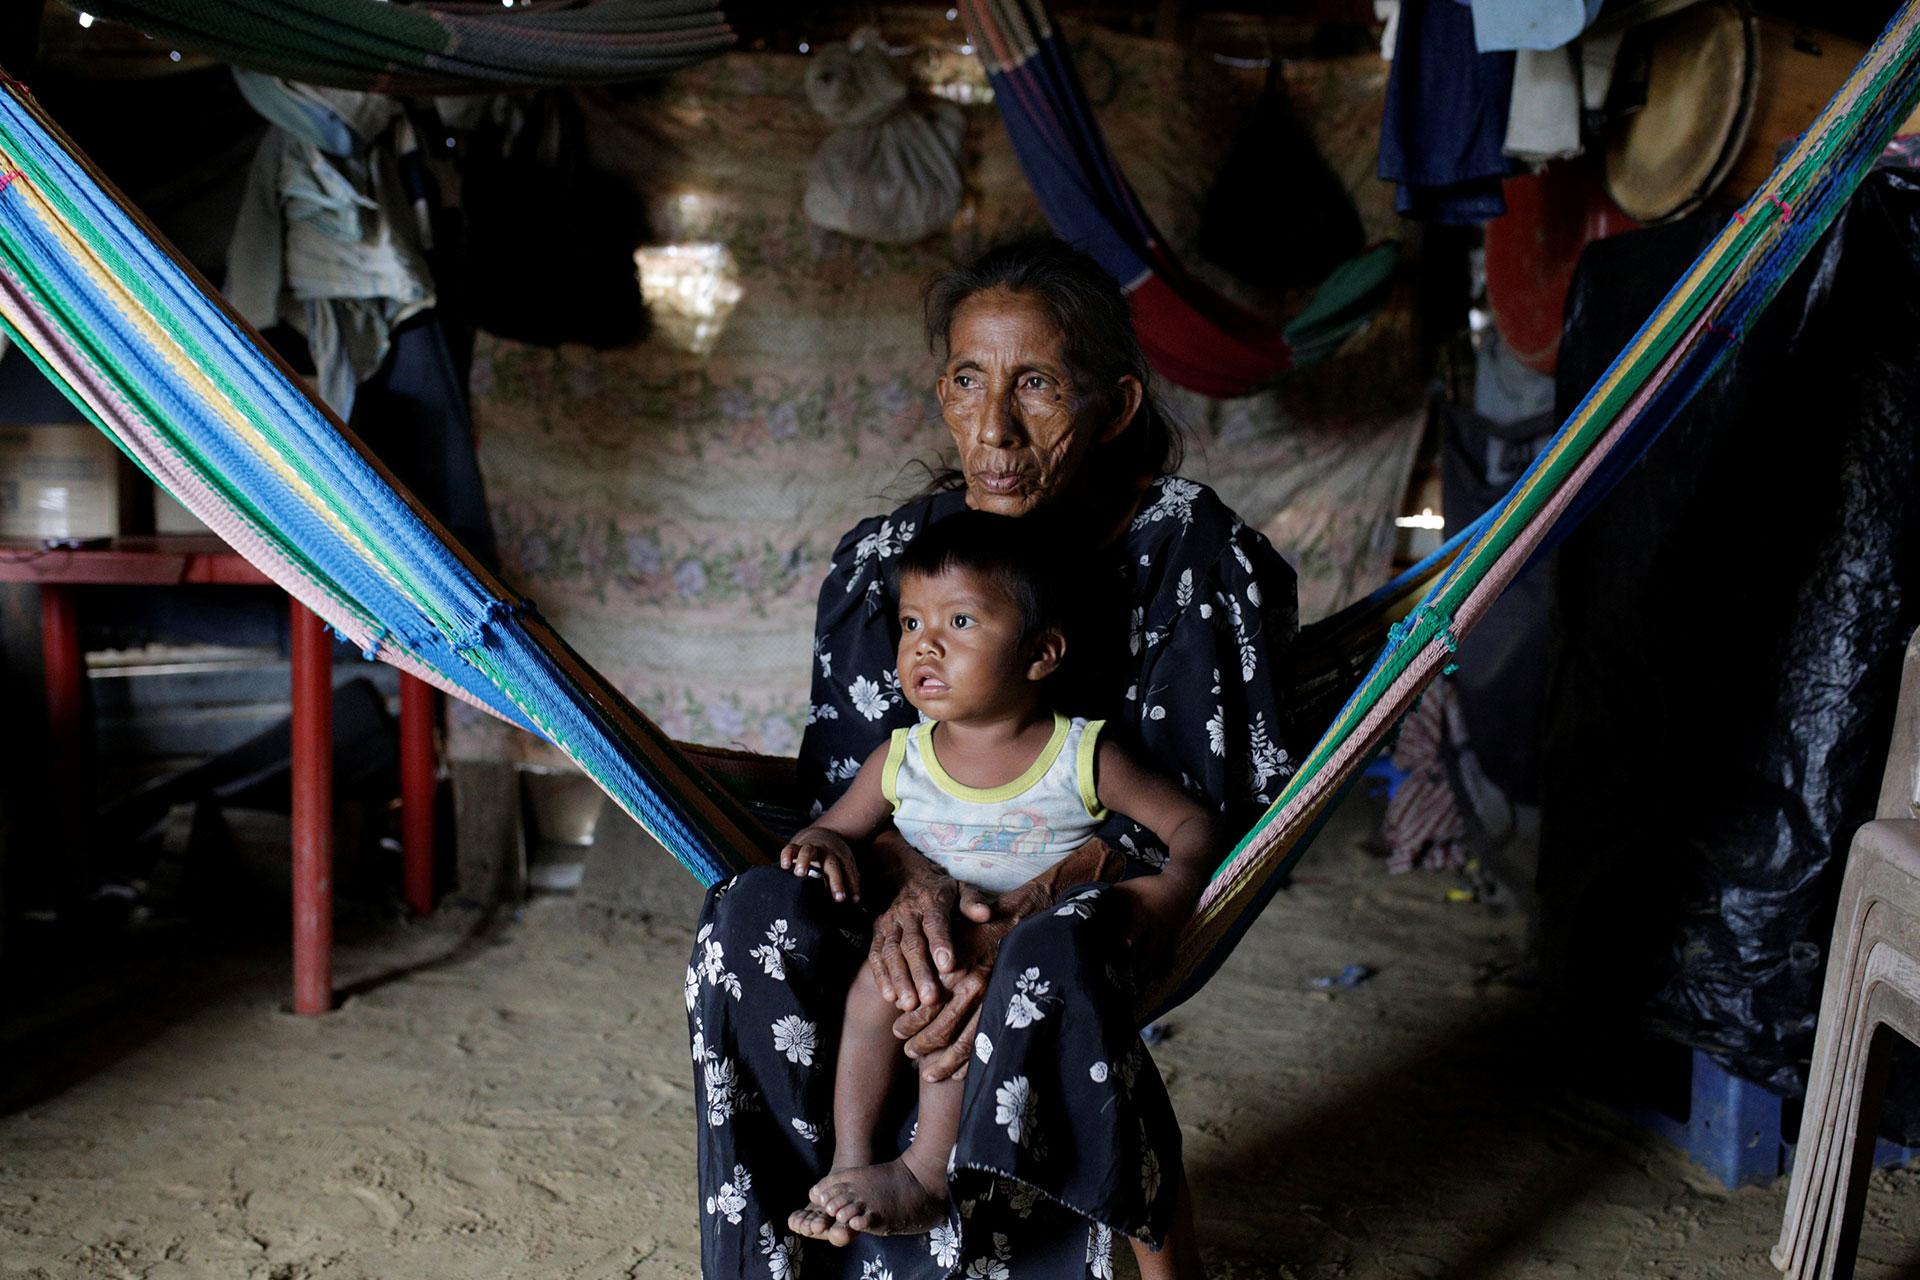 Un 48 por ciento de los niños menores de cinco años presentó desnutrición. De ellos, el 8 por ciento tenía la forma más grave de la enfermedad, con altísimo riesgo de muerte (Reuters)